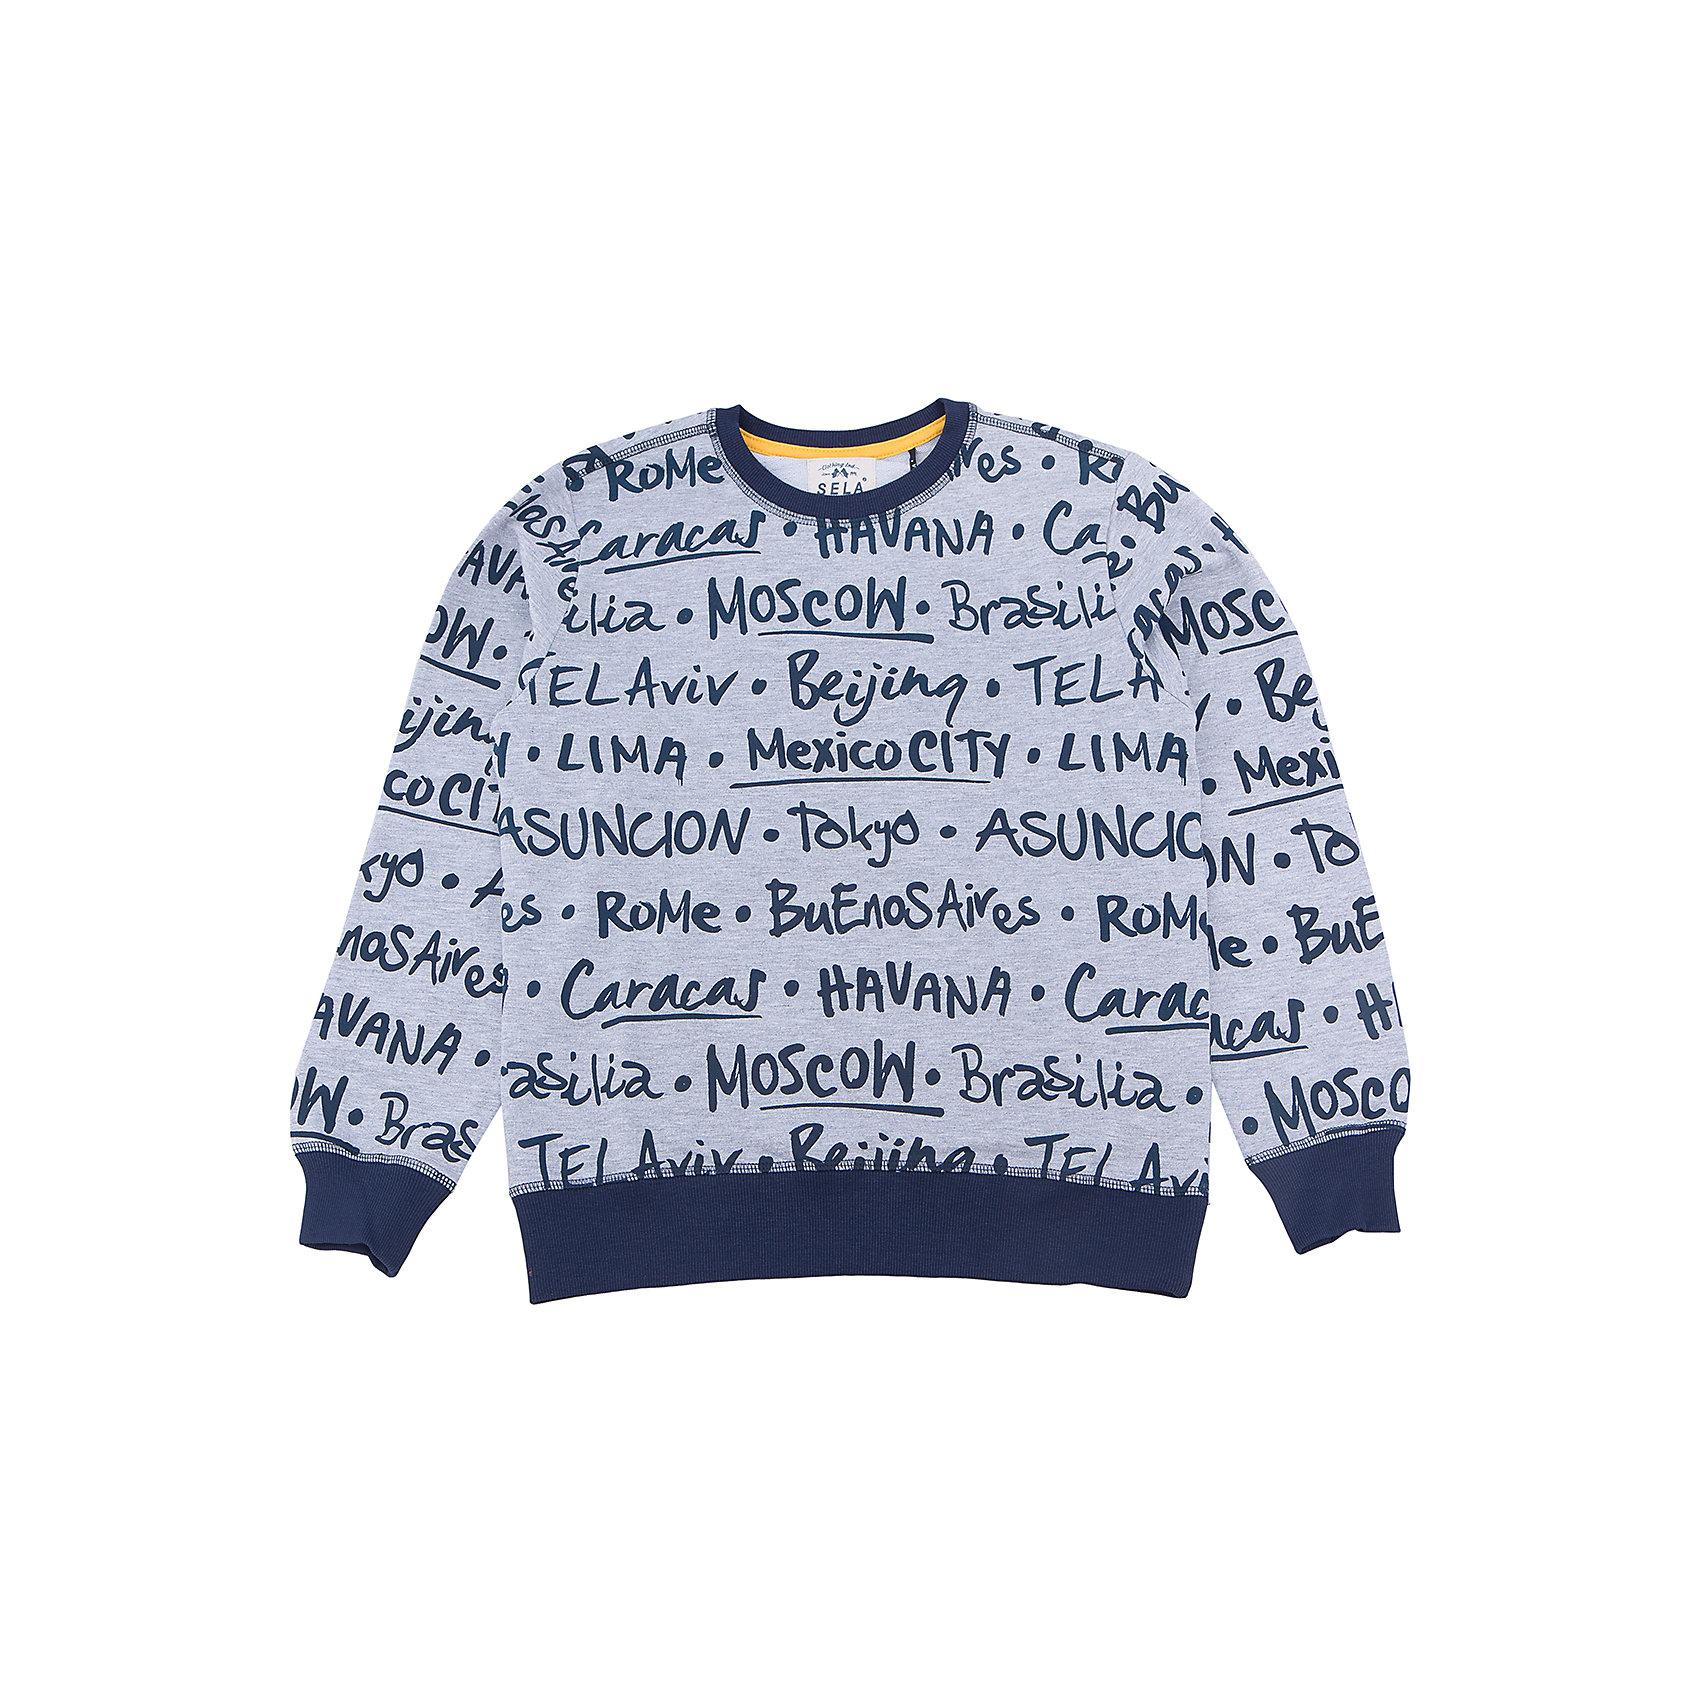 Джемпер для мальчика SELAСвитера и кардиганы<br>Характеристики товара:<br><br>• цвет: серый<br>• состав: 100% хлопок<br>• принт<br>• манжеты<br>• длинные рукава<br>• отделка низа резинкой<br>• страна бренда: Российская Федерация<br><br>Вещи из новой коллекции SELA продолжают радовать удобством! Стильная толстовка для мальчика поможет разнообразить гардероб ребенка и обеспечить комфорт. Она отлично сочетается с джинсами и брюками. Отличается оригинальной отделкой. <br><br>Джемпер для мальчика от популярного бренда SELA (СЕЛА) можно купить в нашем интернет-магазине.<br><br>Ширина мм: 190<br>Глубина мм: 74<br>Высота мм: 229<br>Вес г: 236<br>Цвет: серый<br>Возраст от месяцев: 96<br>Возраст до месяцев: 108<br>Пол: Мужской<br>Возраст: Детский<br>Размер: 134,140,146,152,116,122,128<br>SKU: 5306558